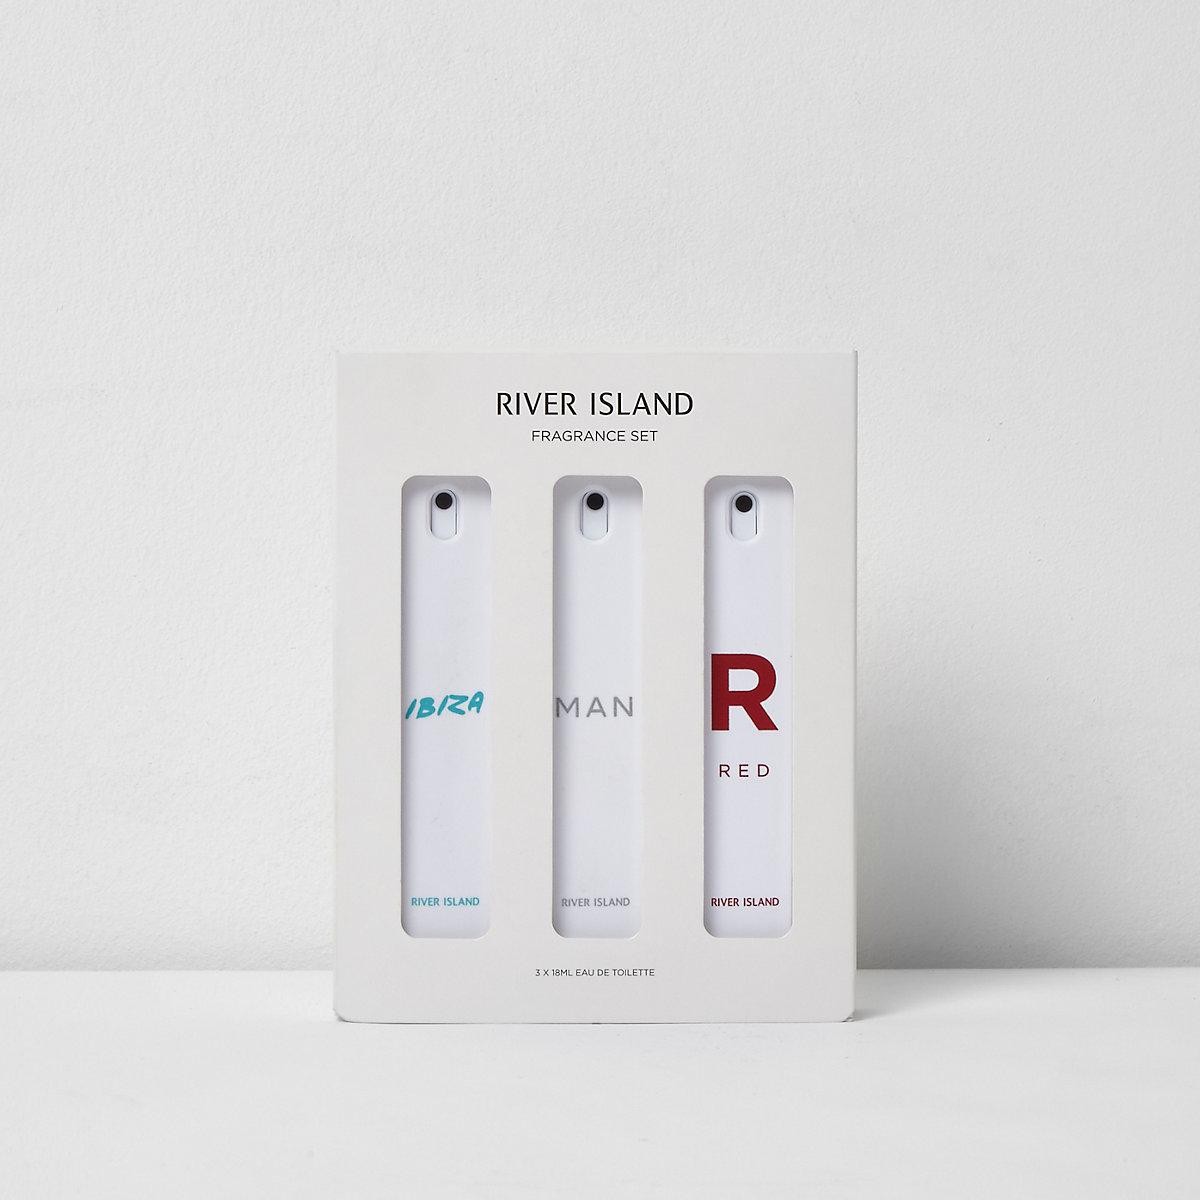 RI travel spray fragrance 18ml multipack